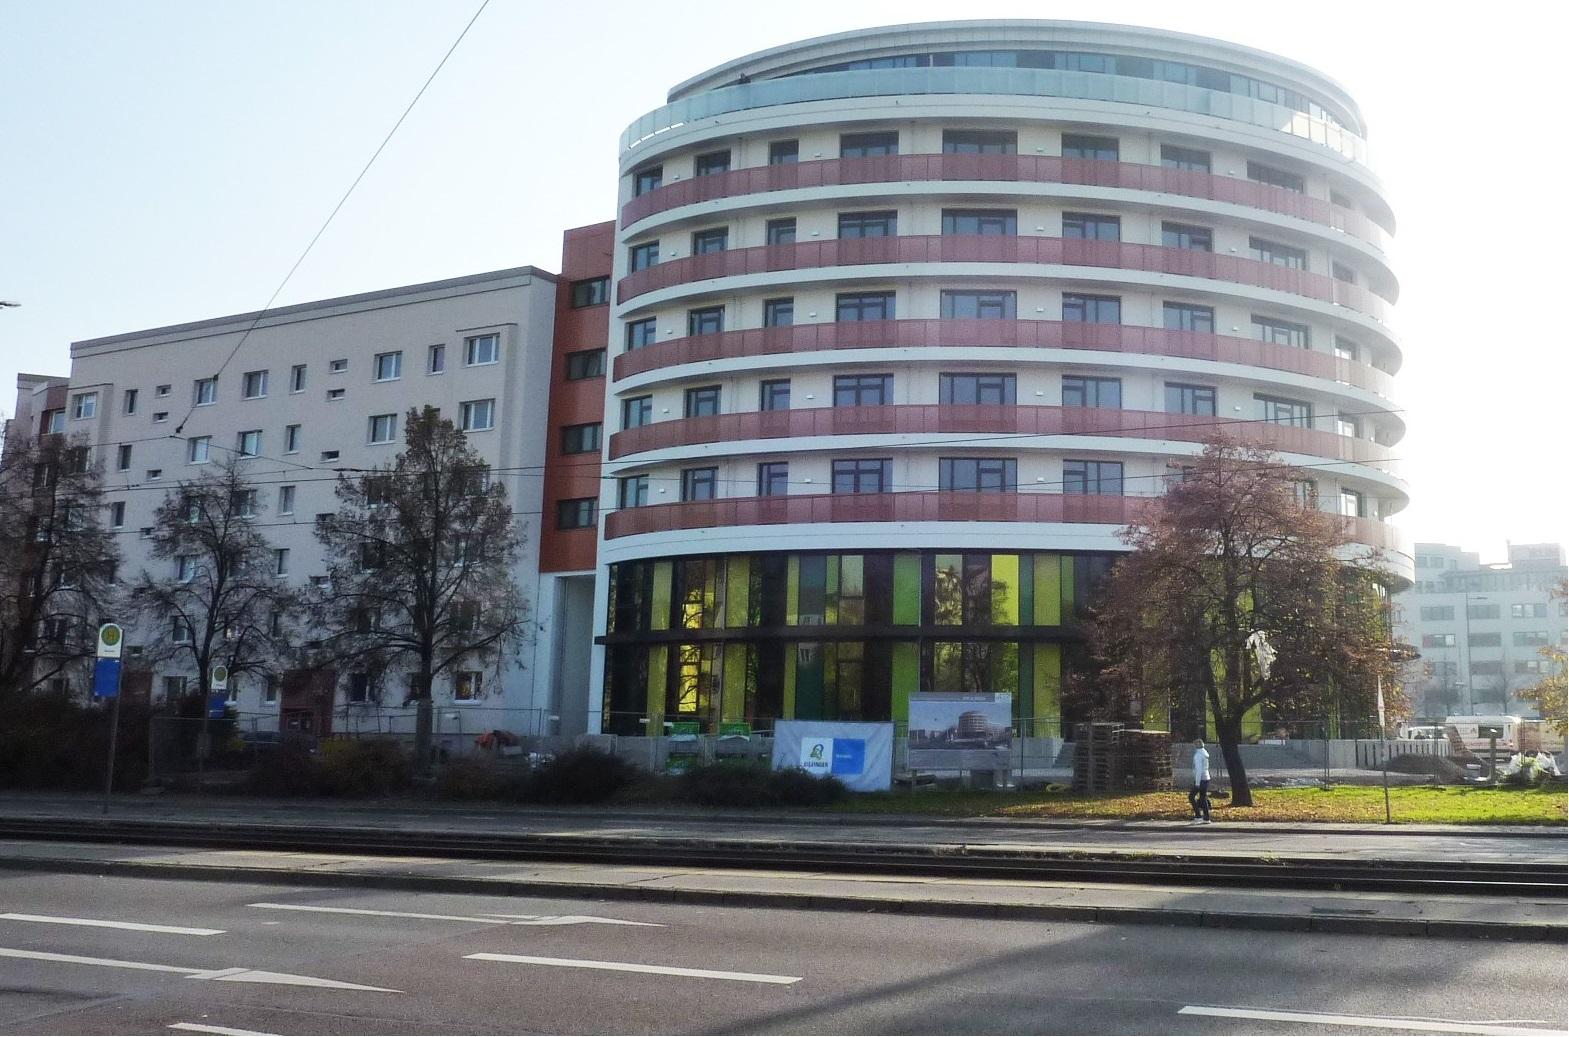 Unitas Leipzig